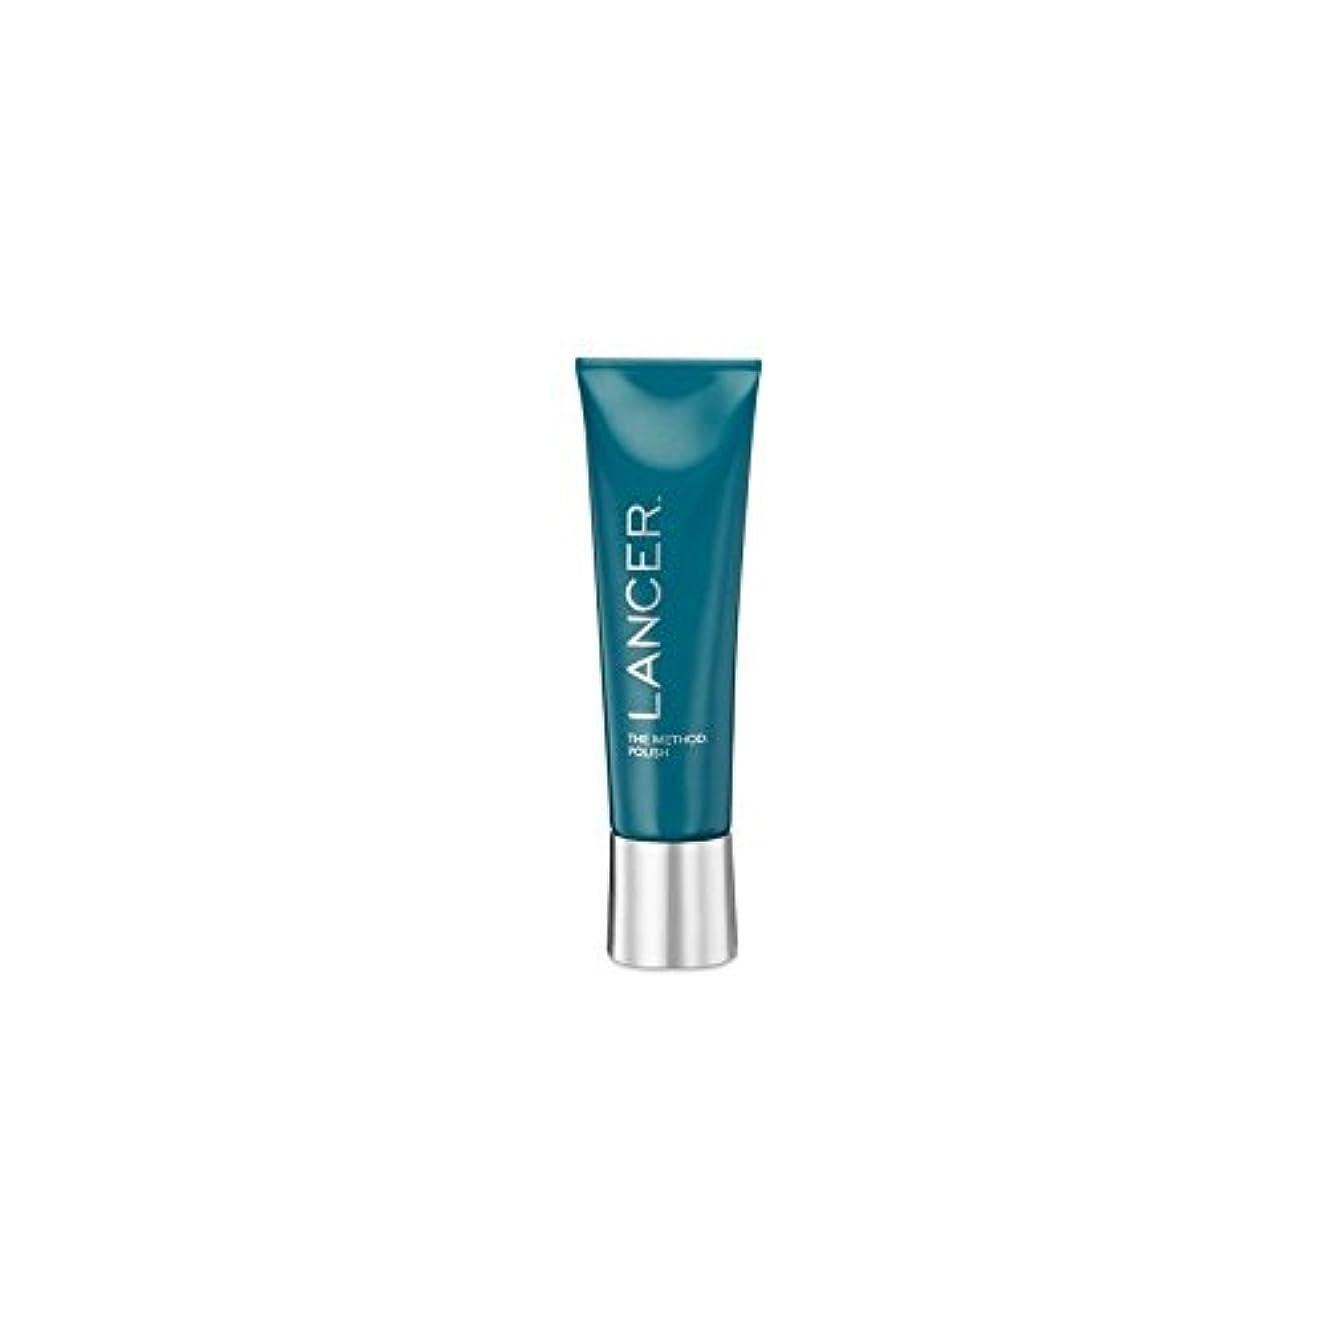 ネックレットエネルギー見つけたLancer Skincare The Method: Polish (120G) (Pack of 6) - ポリッシュ(120グラム):ランサーは、メソッドをスキンケア x6 [並行輸入品]